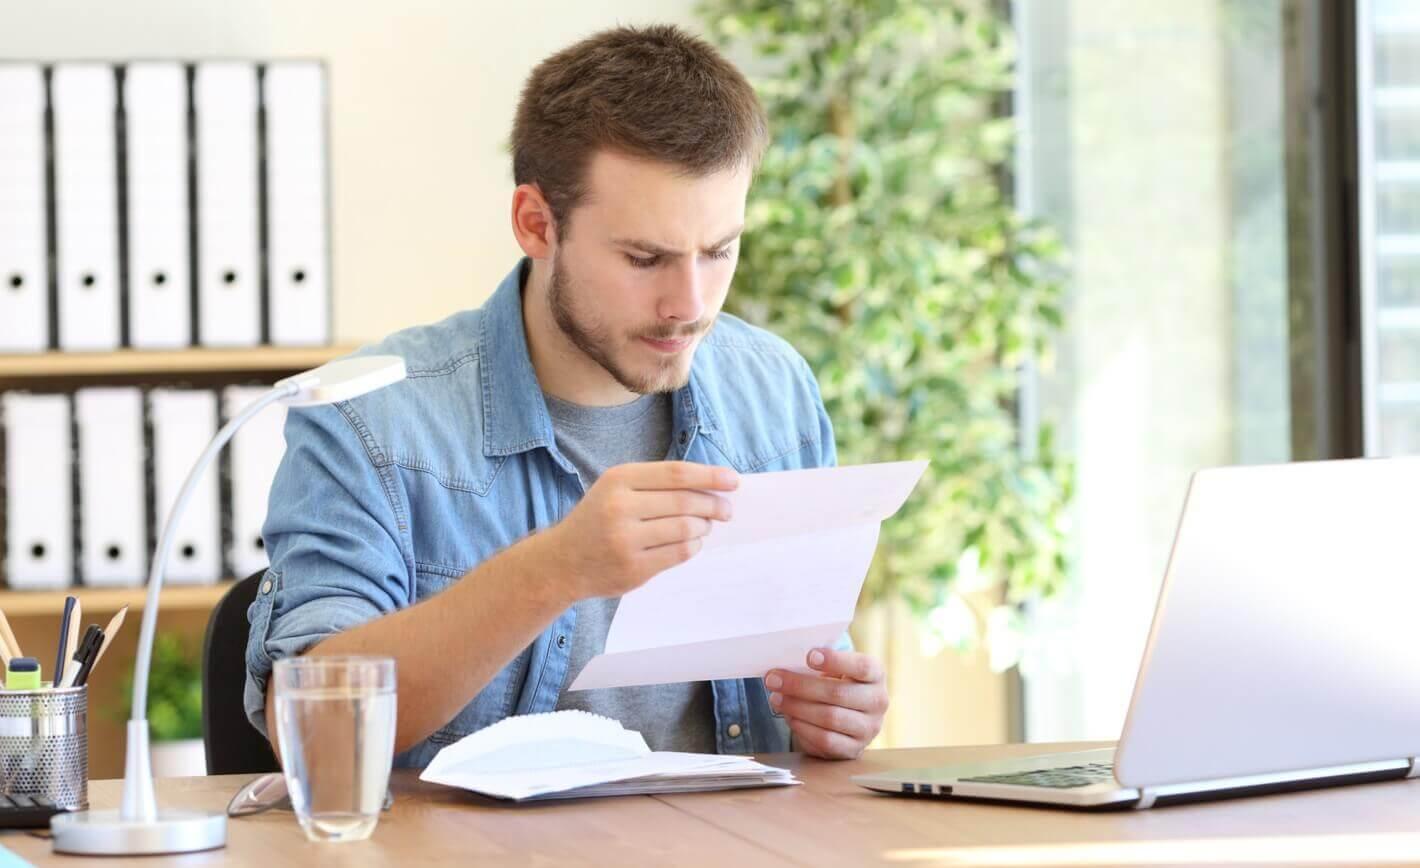 چه زمانی ترک کردن کار بدون برنامه قبلی میتواند مفید باشد